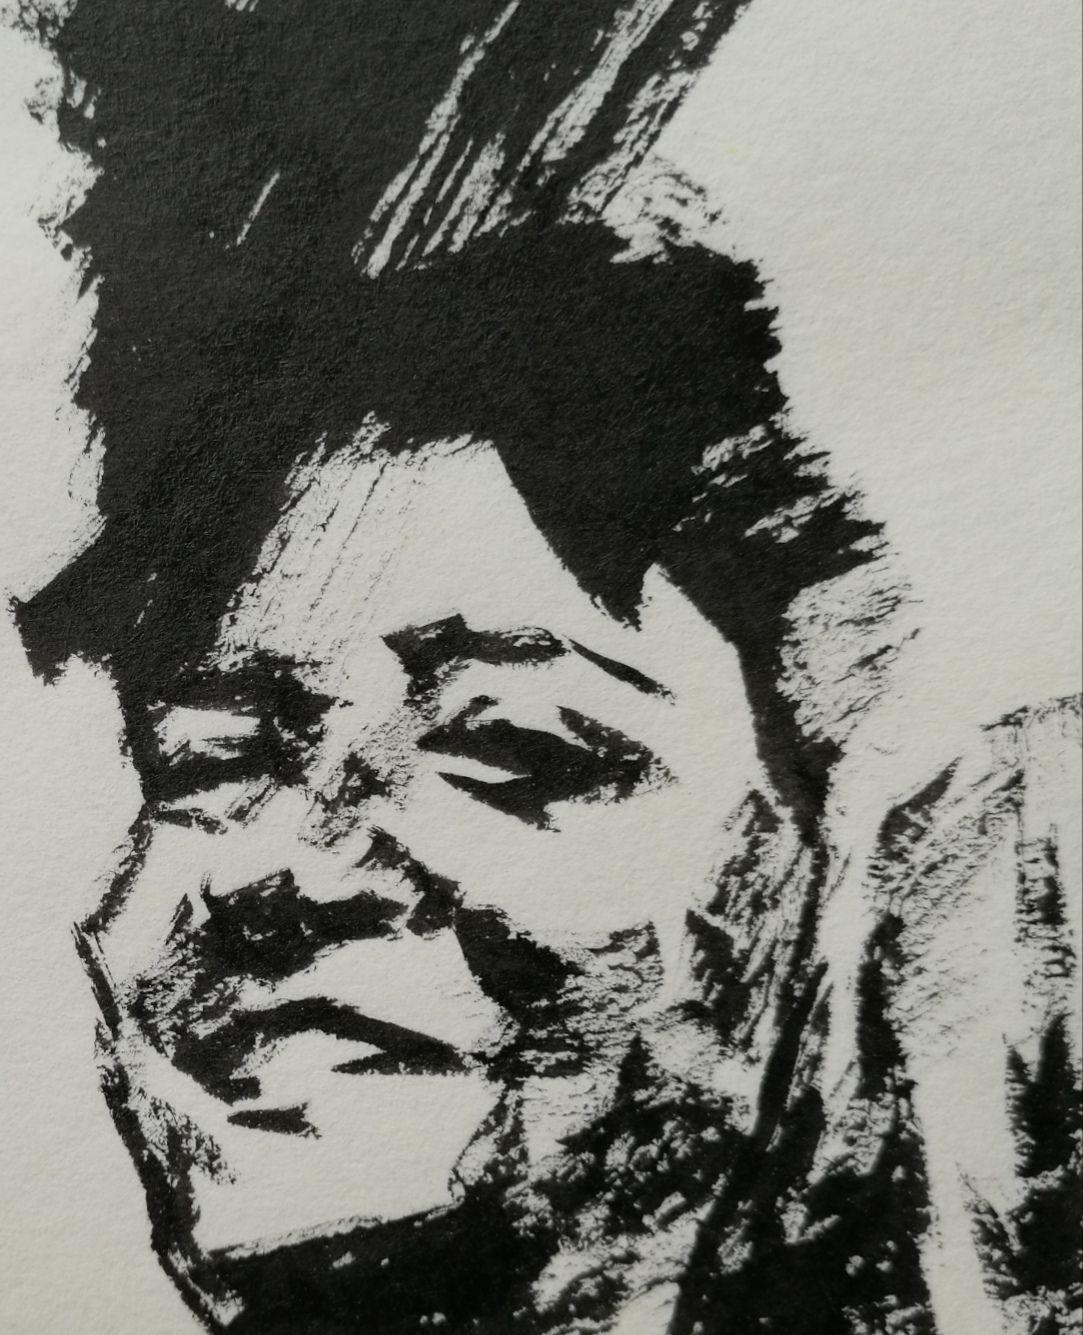 人物速写:不打形,直接画,一组用毛笔画的人物头像速写